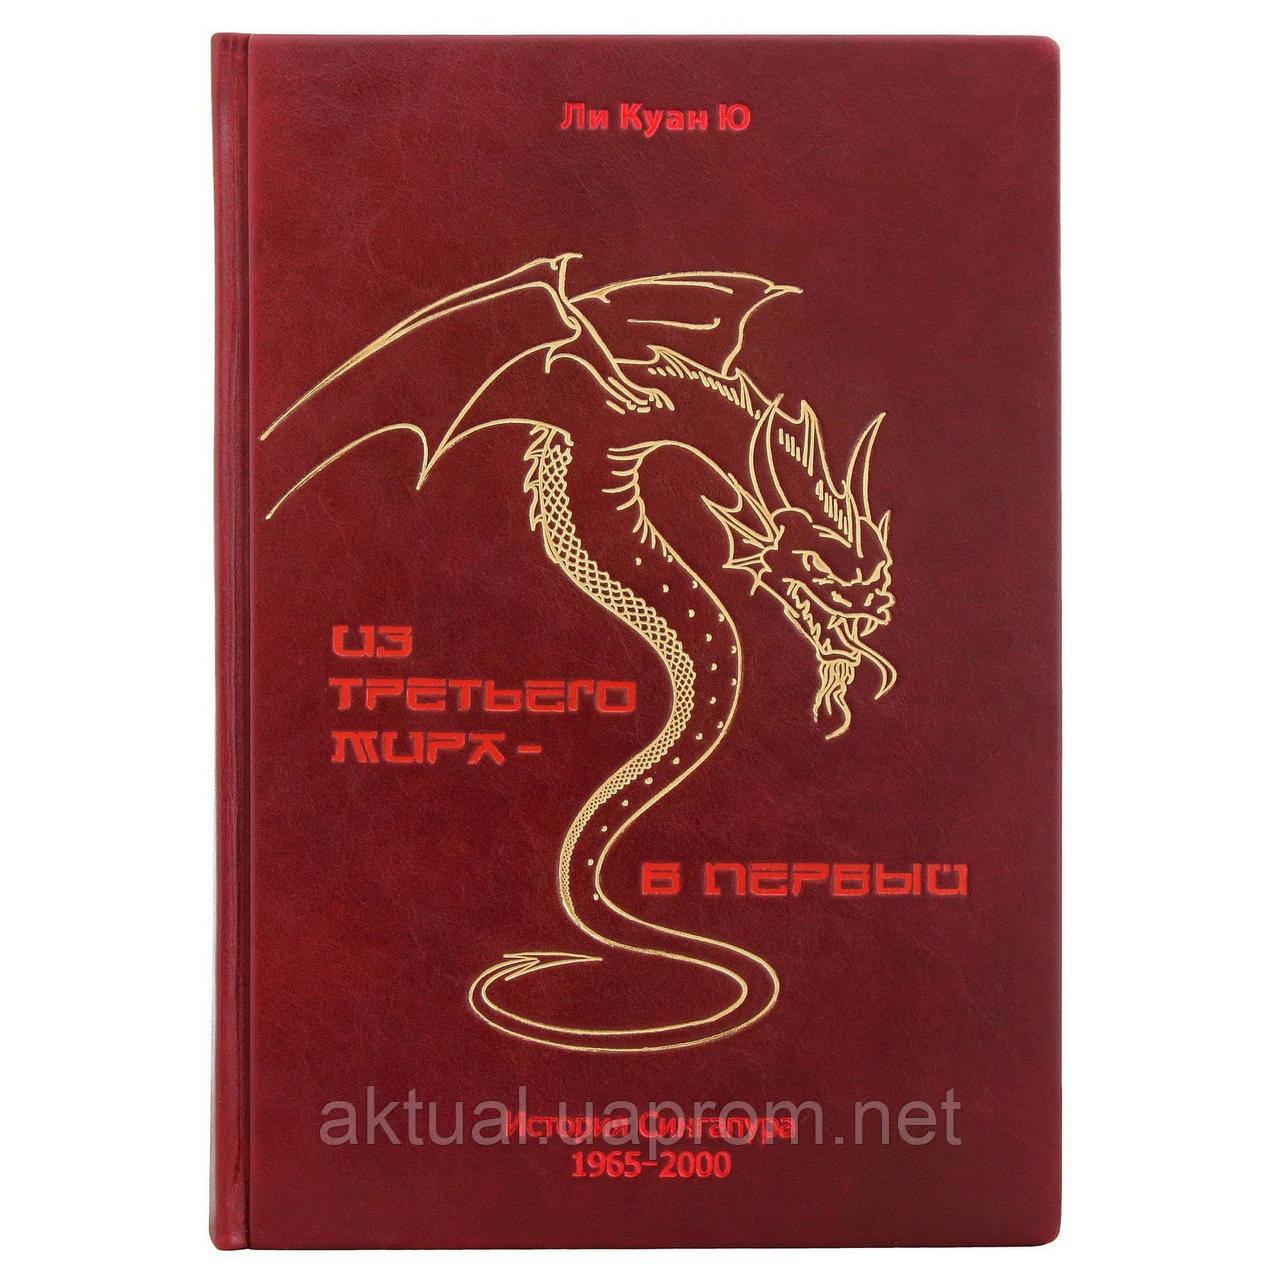 Книга Ли Куан Ю Из третьего мира в первый